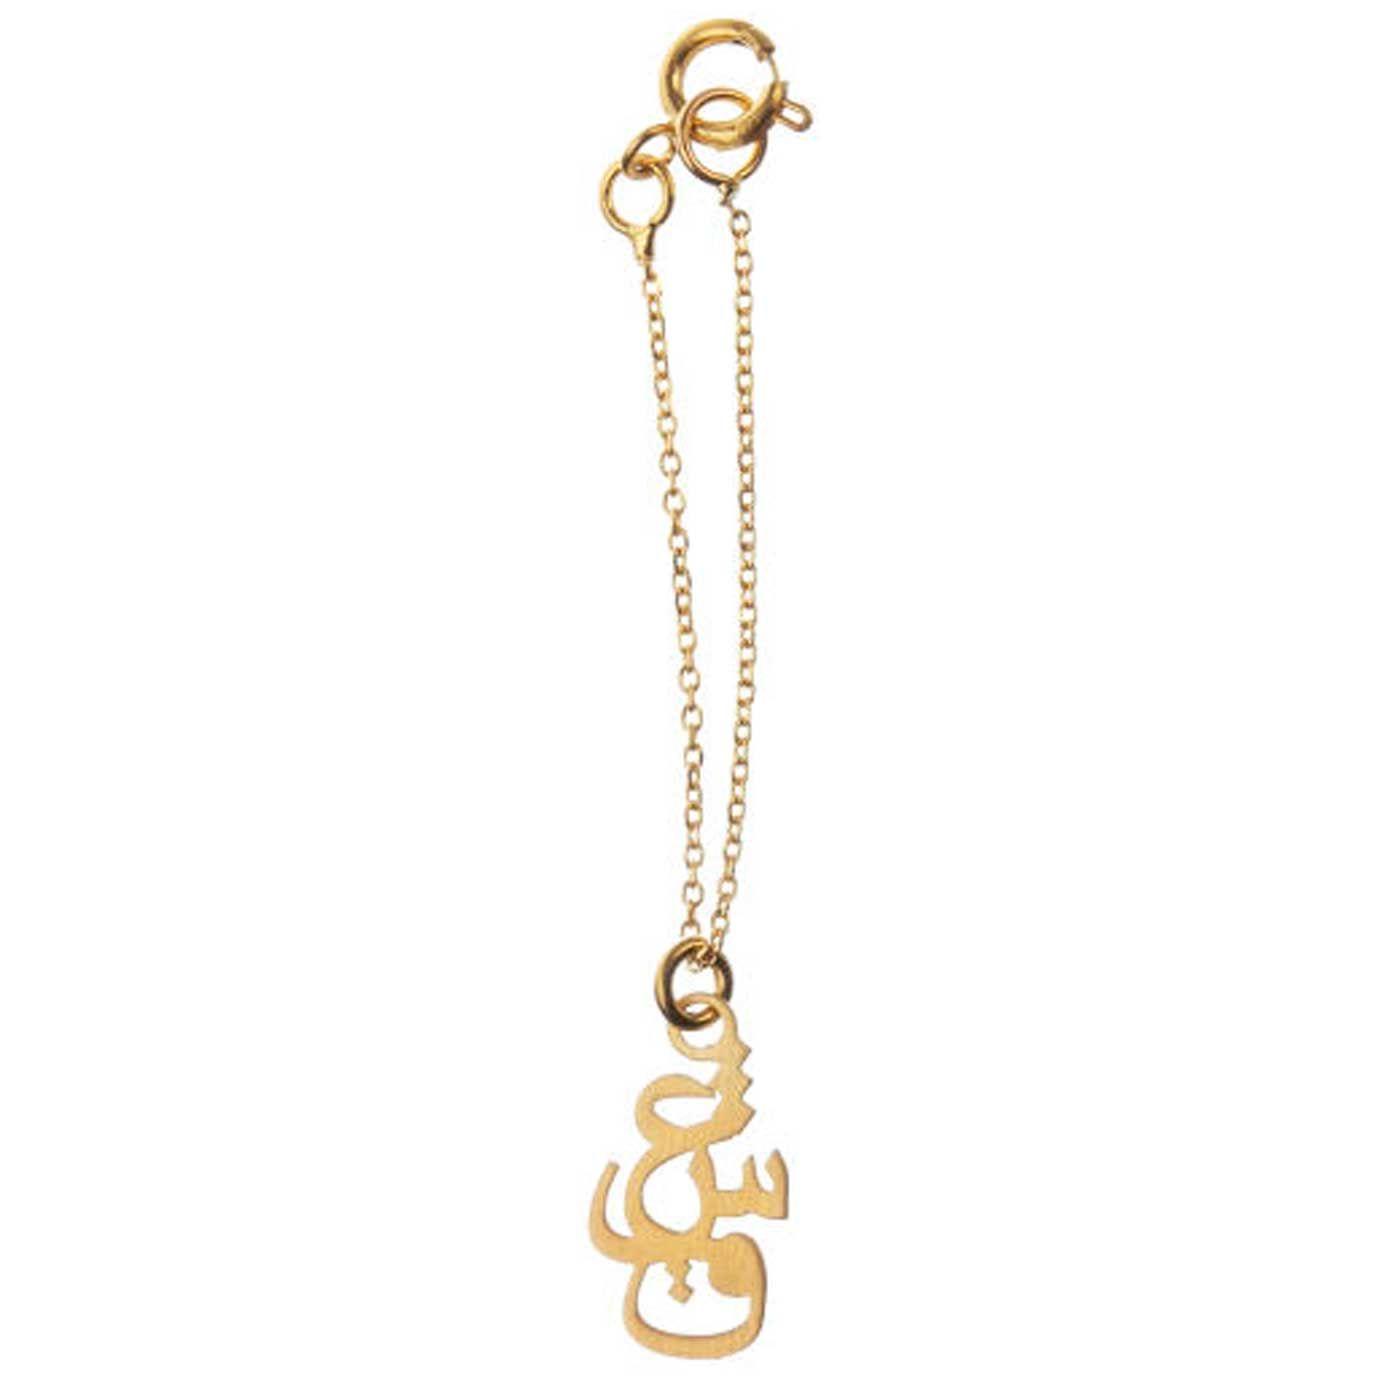 آویز ساعت طلا 18 عیار زنانه کانیار گالری کد AS29 -  - 5